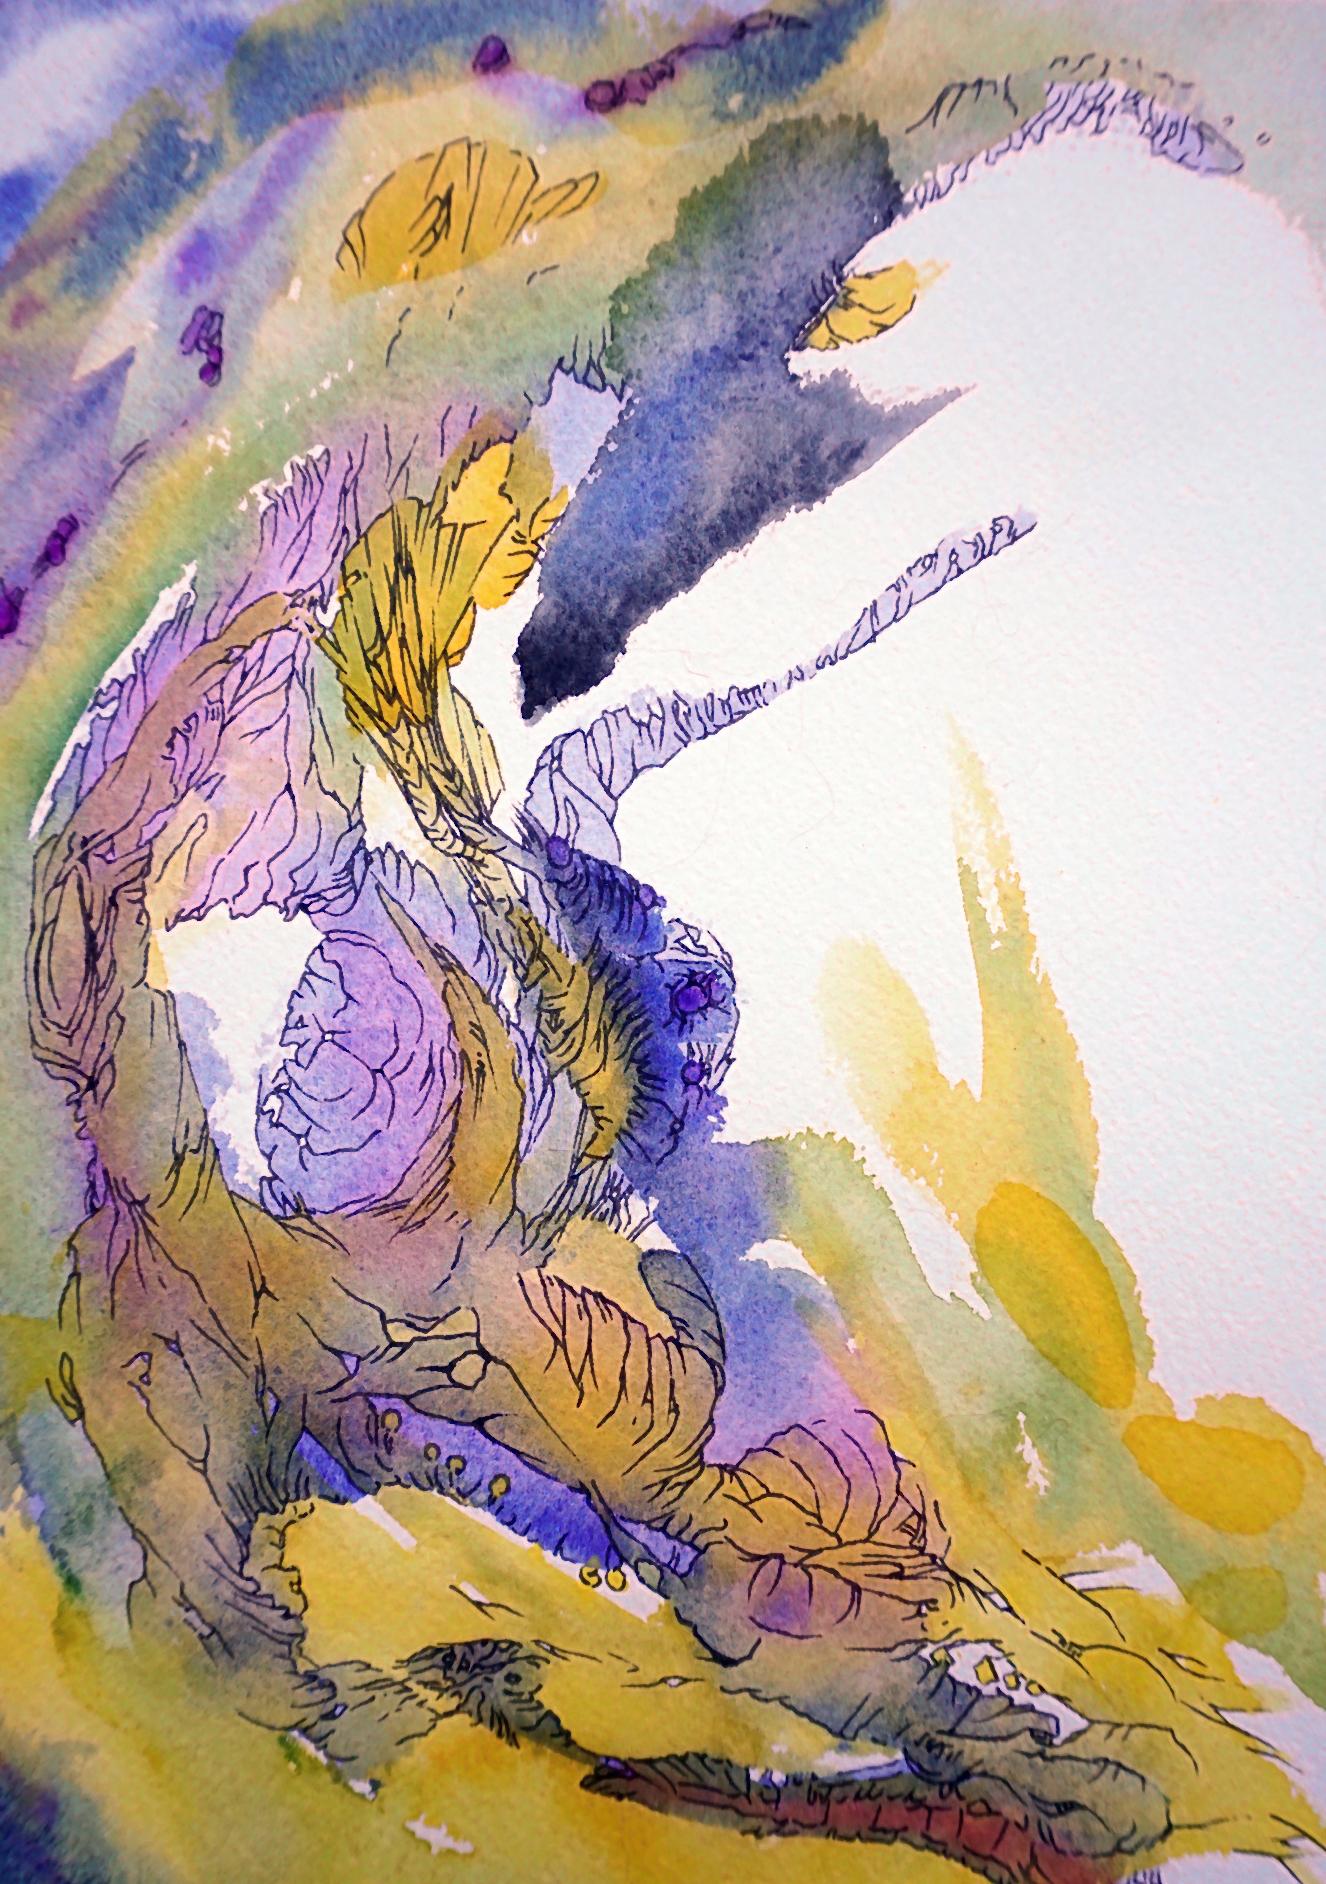 tourbillon-de-fête-illustration-de-poème-jeunesse-par-marie-catherine-arrighi-illustrateur